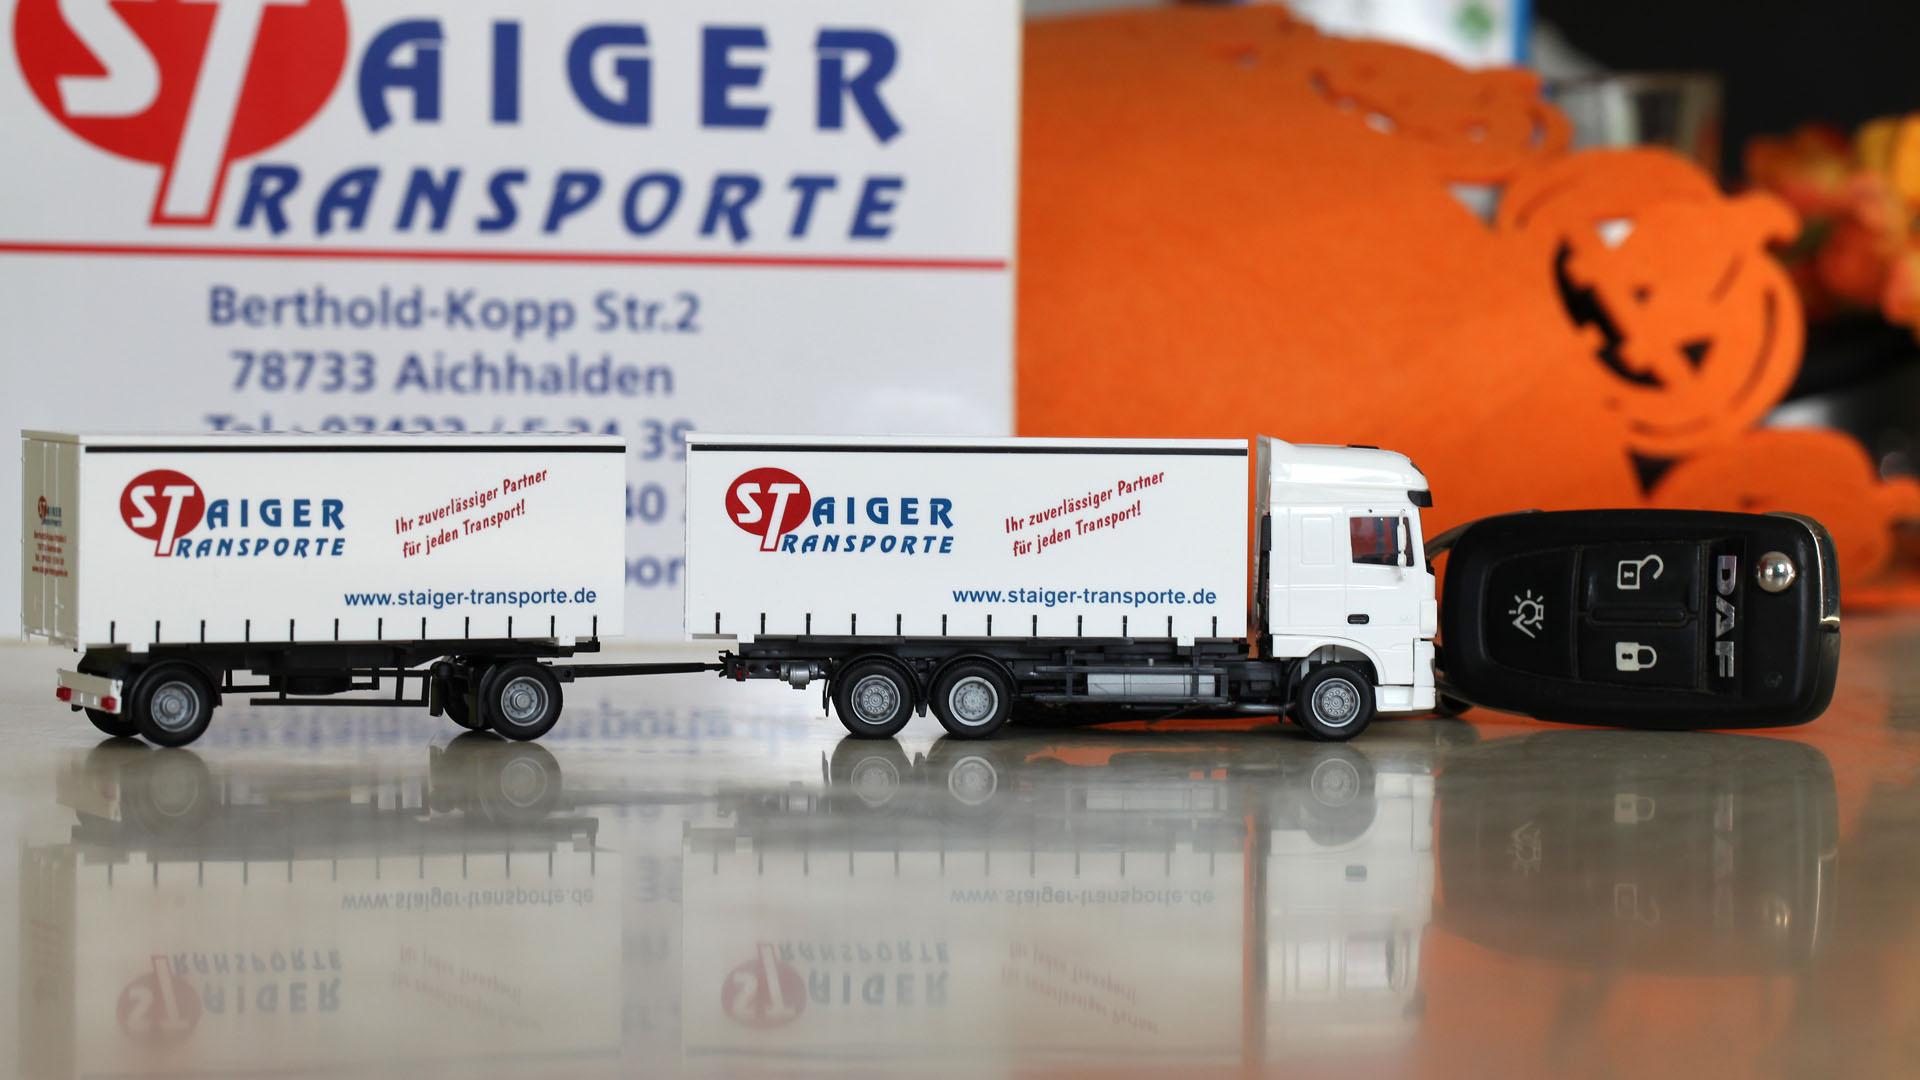 Staiger Transporte_Ausbildung